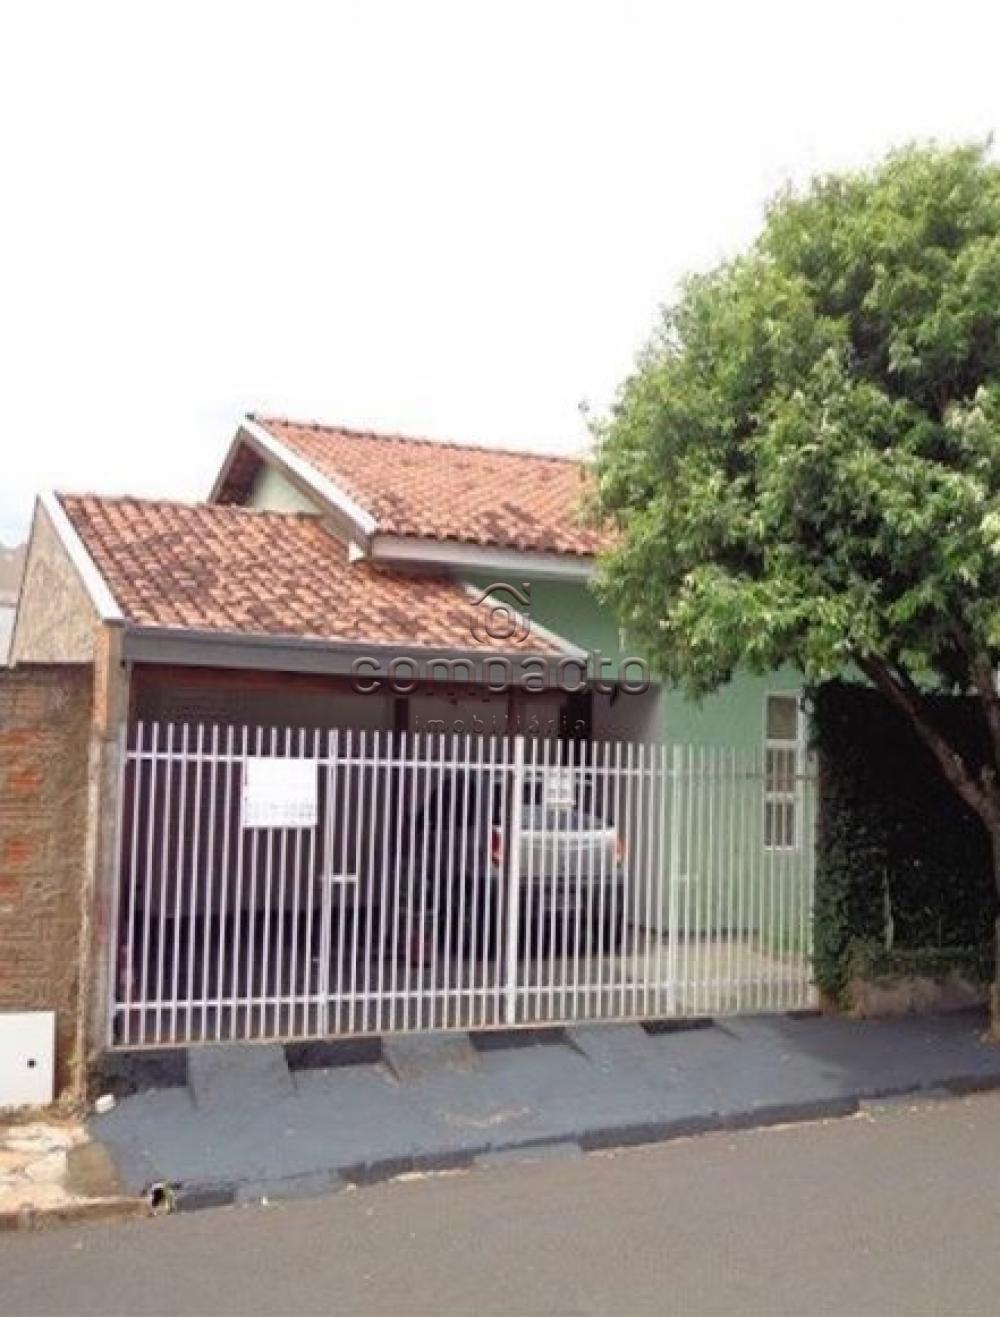 Comprar Casa / Padrão em São José do Rio Preto apenas R$ 460.000,00 - Foto 1